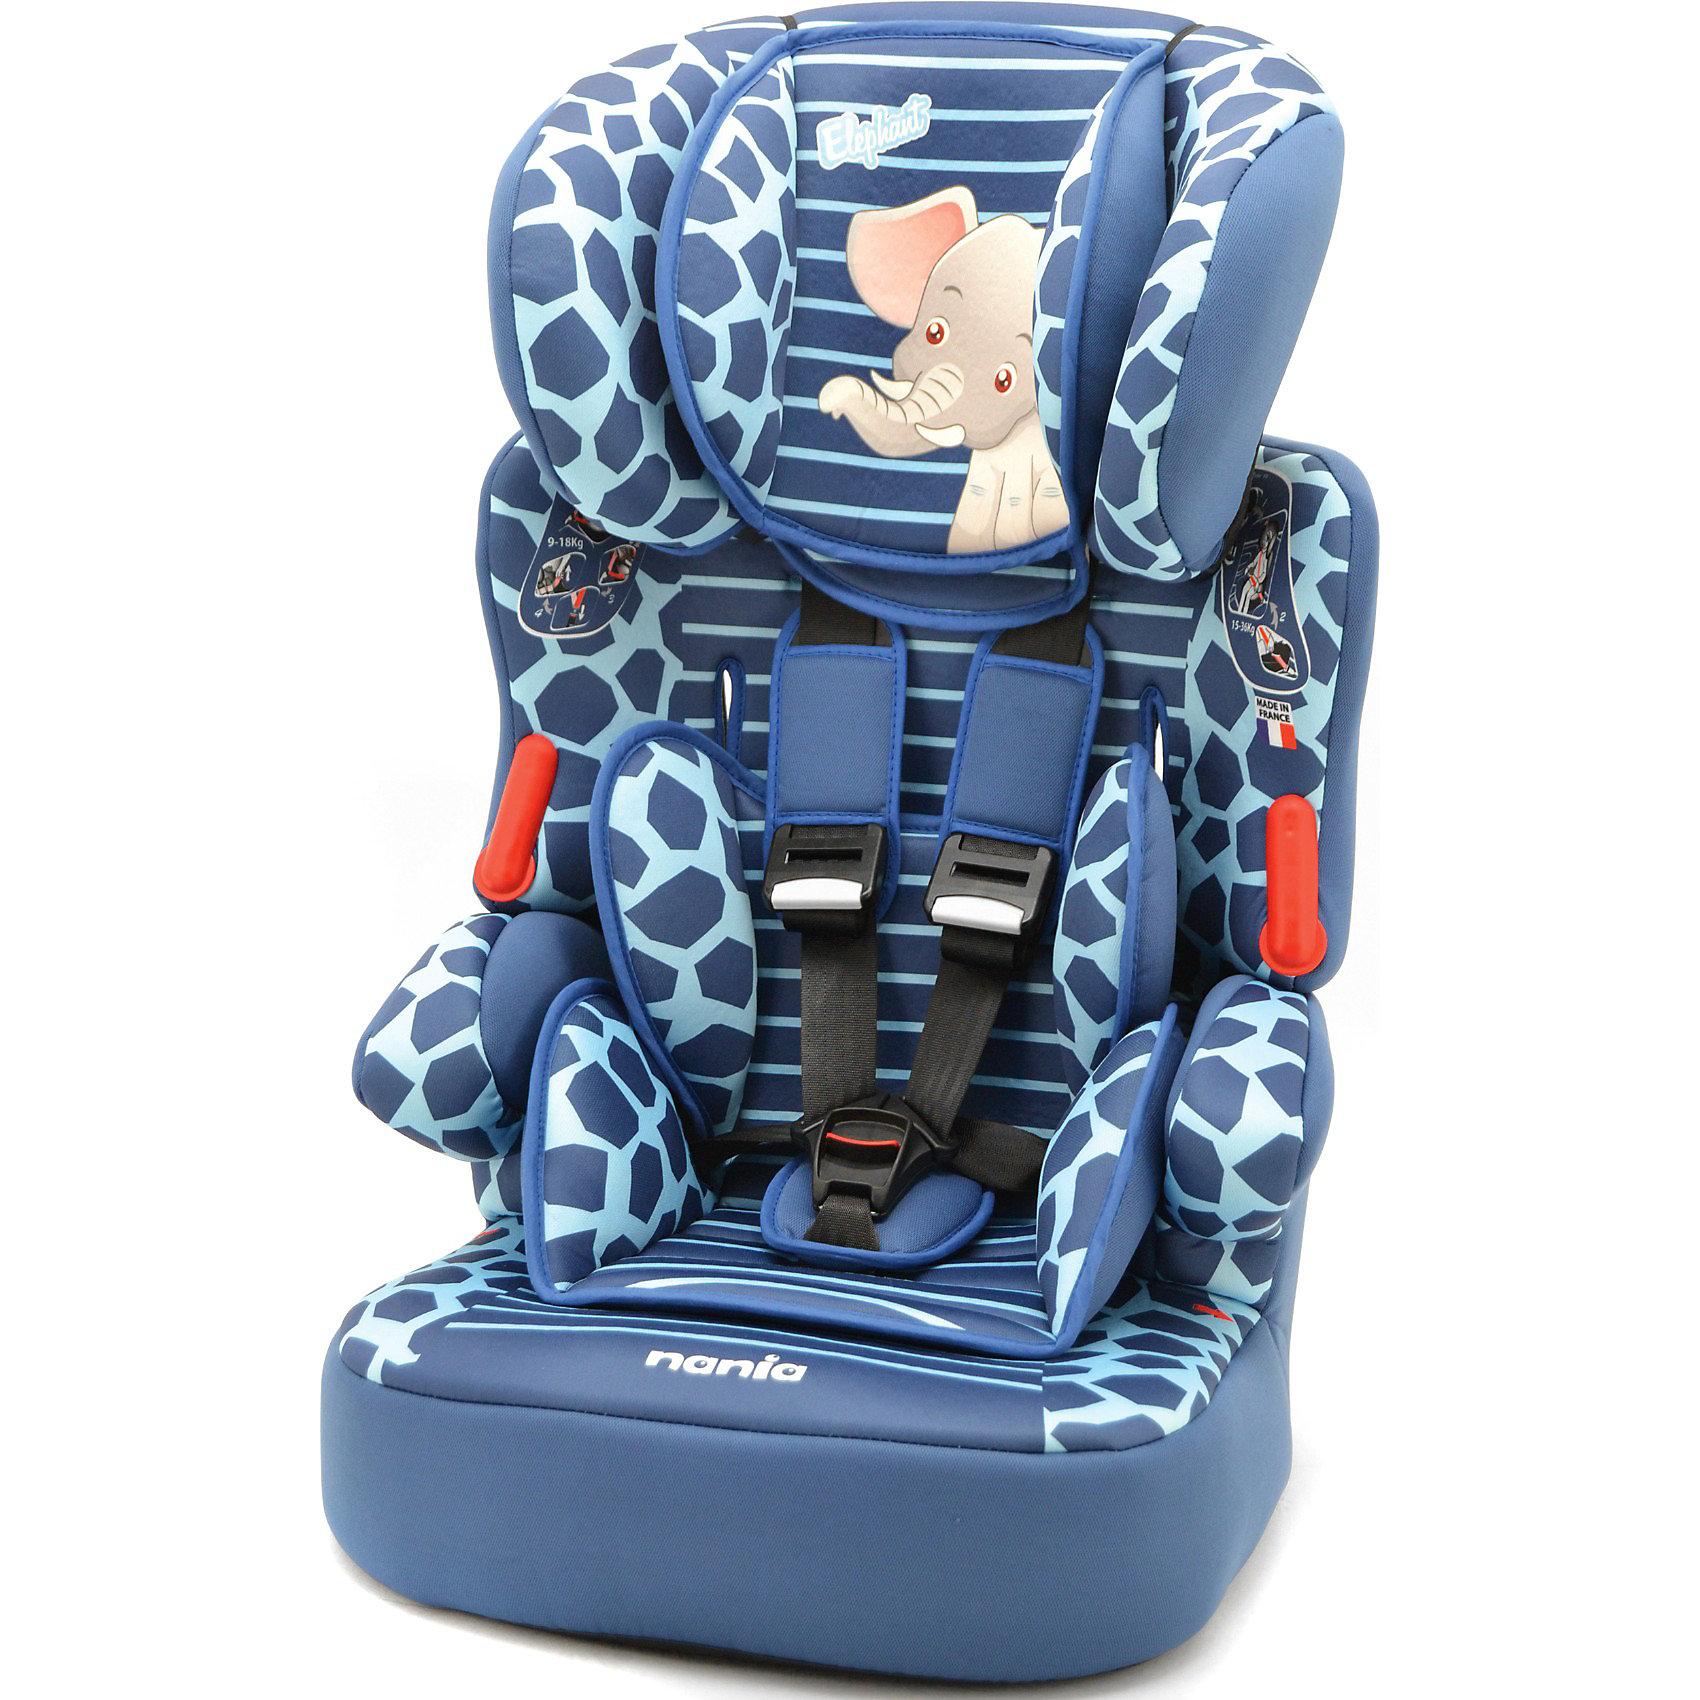 Автокресло Nania Beline SP, 9-36 кг, elephantГруппа 1-2-3 (От 9 до 36 кг)<br>Автокресло Beline SP, 9-36 кг., Nania, elephant - это комфортное и безопасное автокресло для детей от 8 месяцев до 12 лет.<br>Автокресло Beline SP, Nania (Нания) сочетает два кресла в одном. Оно предназначено для детей весом от 9 до 36 кг. (группа 1-2-3). Детское автокресло состоит из двух частей: сидение и съемная спинка. Благодаря регулируемой высоте подголовника (6 позиций) кресло растет вместе с ребенком. Анатомически правильно сформированное сидение с мягкой подкладкой, мягкий подголовник закругленной формы, удобные подлокотники обеспечивают комфорт маленького пассажира даже во время длительных путешествий. Автокресло Beline SP было разработано согласно самым жестким требованиям безопасности. Система боковой защиты SP – Side Protection убережёт ребёнка от серьезных травм во время бокового столкновения. Для надежной фиксации ребенка имеется регулируемый 5-точечный ремень безопасности с плечевыми накладками. Когда ребенок подрастет, спинку автокресла можно отстегнуть и использовать только бустер. Вы без труда закрепите кресло в салоне Вашего автомобиля с помощью штатных ремней безопасности. Если ребенок весит от 9 до 18 кг, нужно использовать фиксирующий зажим ремня безопасности, который прикреплен шнурком к спинке автокресла. Автокресло устанавливается по ходу движения автомобиля. Приятной особенностью этого автокресла является его яркий интересный дизайн – принт в виде пятнистой окраски и изображение милого слоненка на подголовнике. Все тканевые части легко снимаются и стираются, что позволит креслу выглядеть прекрасно долгие годы. Соответствует Европейскому Стандарту ЕСЕ R44/04.<br><br>Дополнительная информация:<br><br>- Группа 1-2-3 (9-36 кг), от 8 месяцев до 12 лет<br>- Размер: 45 х 45 х 72-88 см.<br>- Высота спинки: 64-75 см.<br>- Размер сиденья: 34 х 30 см.<br>- Вес: 4,7 кг.<br>- Материал: ударопрочный пластик, полиэстер<br>- Цвет: синий, голубой<br>- Стирка покрытия автокресла пр